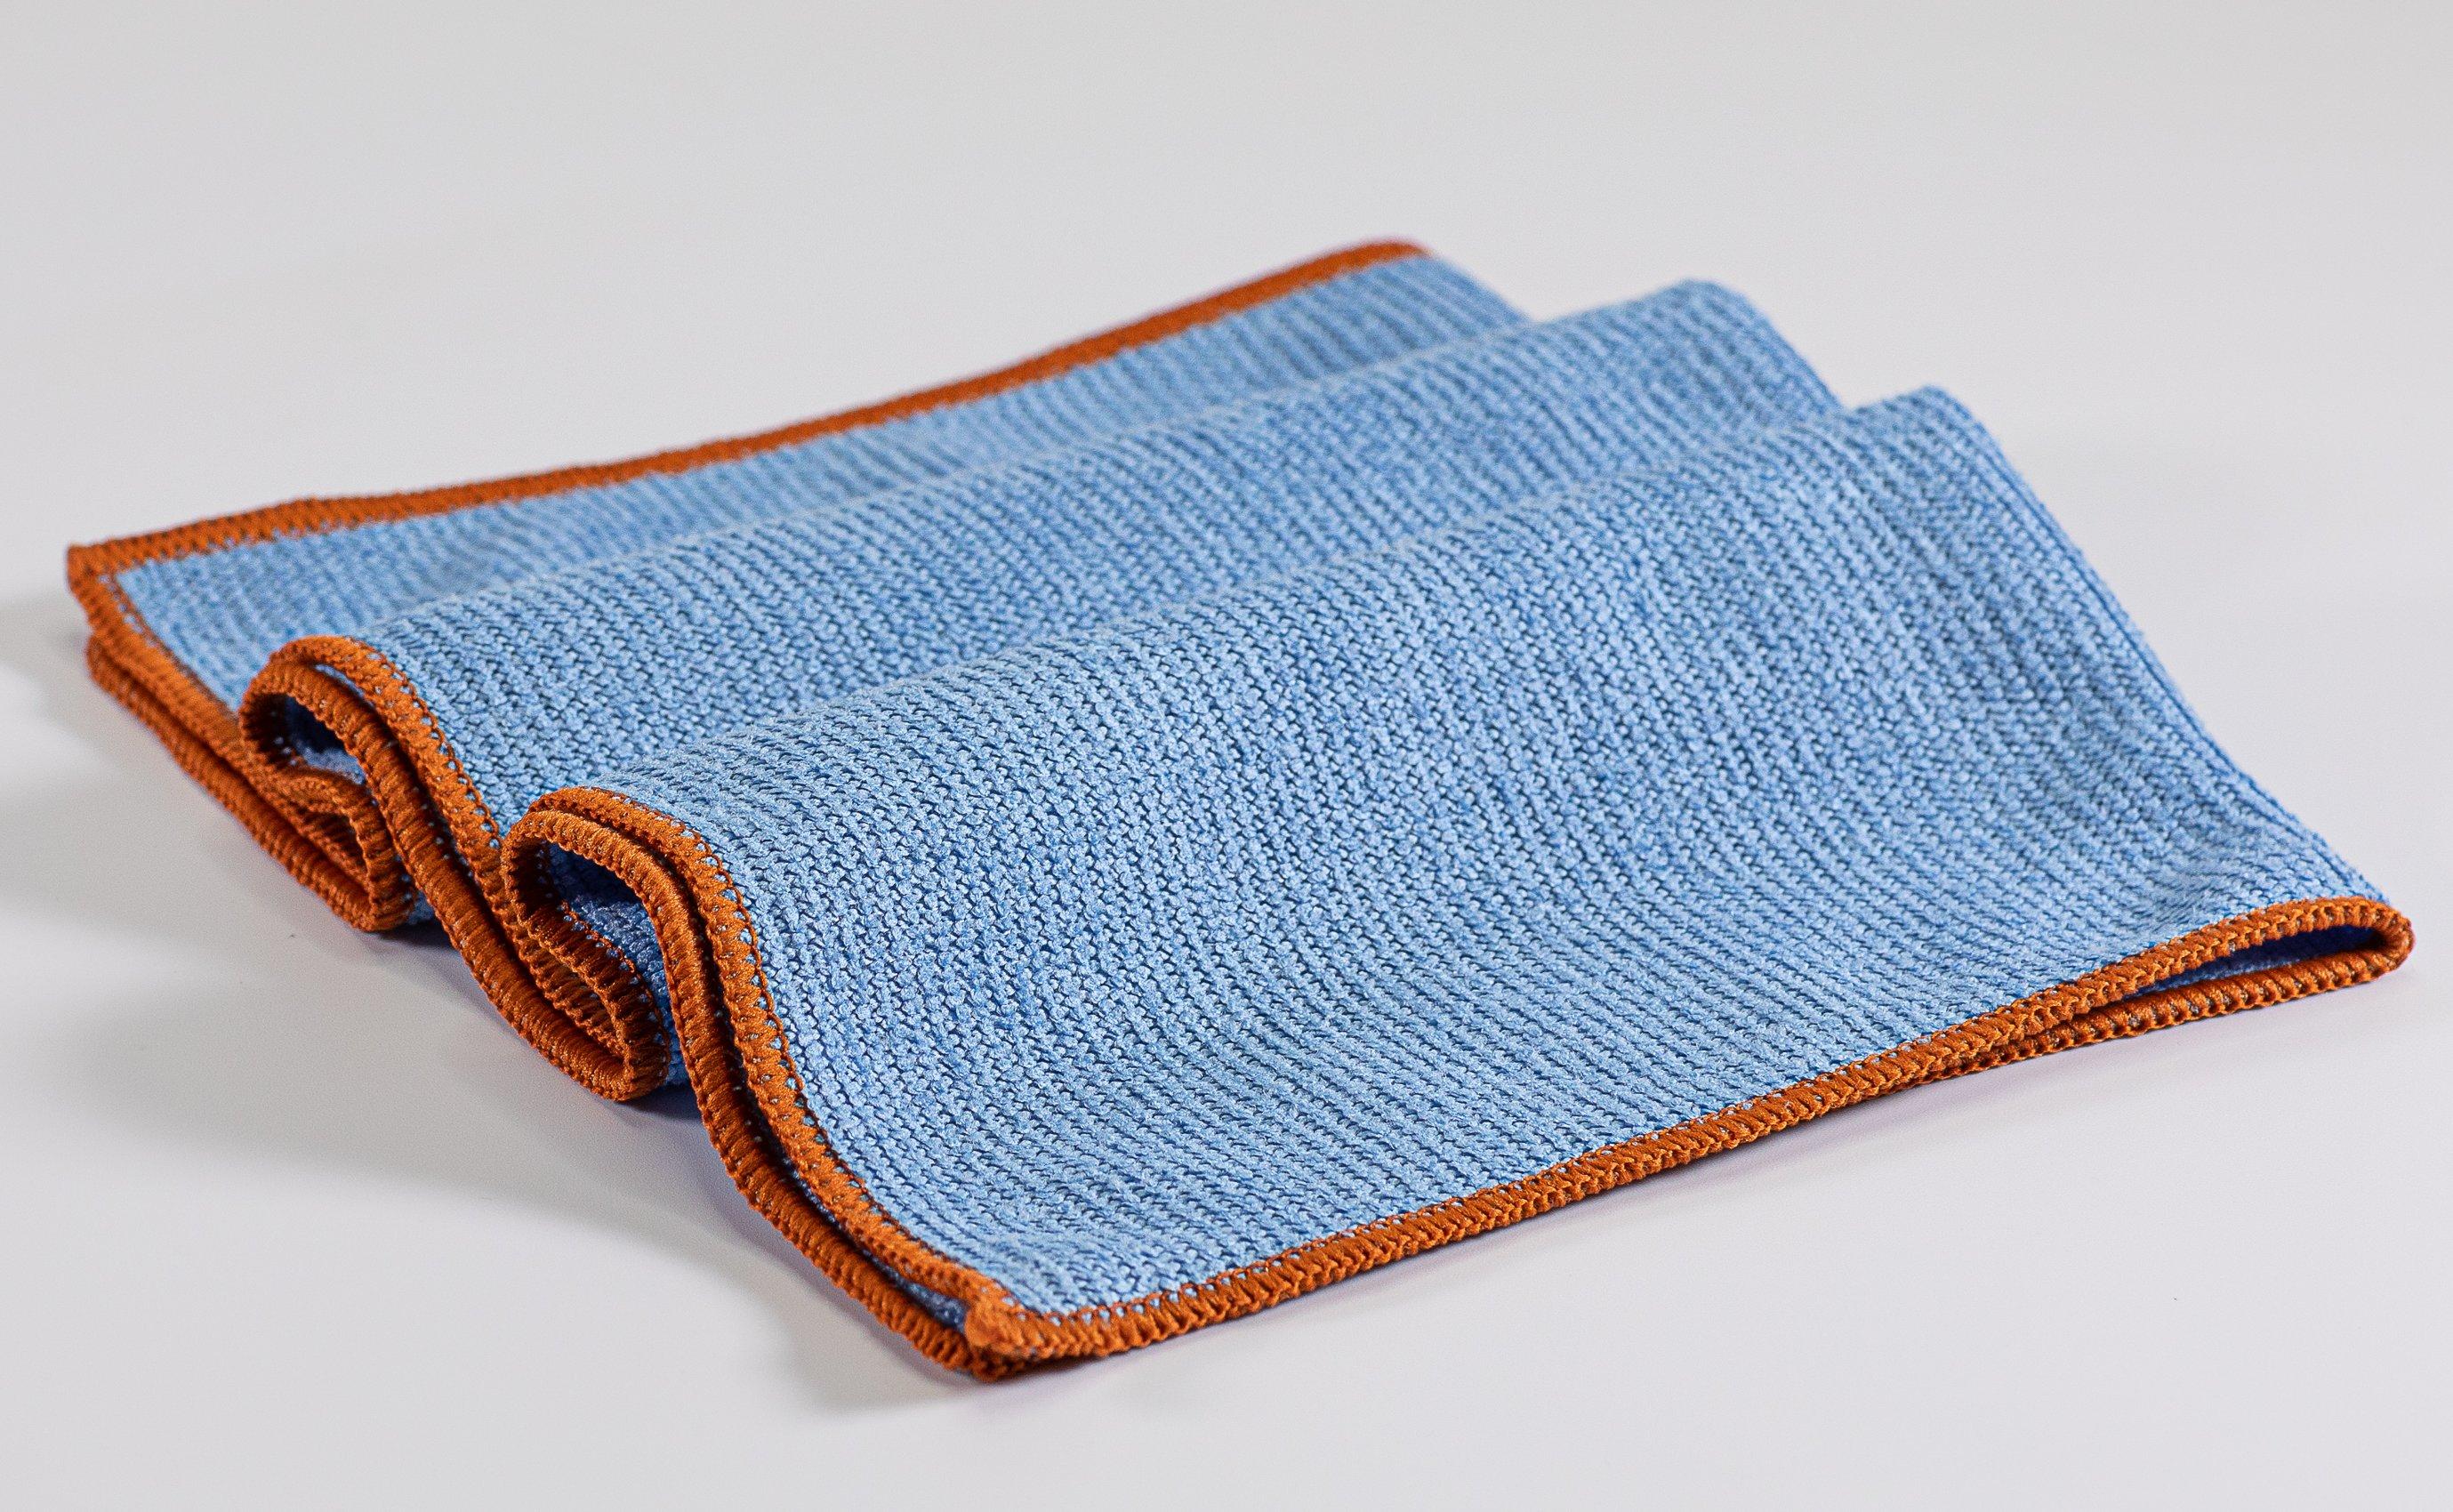 De UITSTEKENDE koper + microvezeldoek - verwijdert 99% van de virussen en bacteriën met een simpele veeg